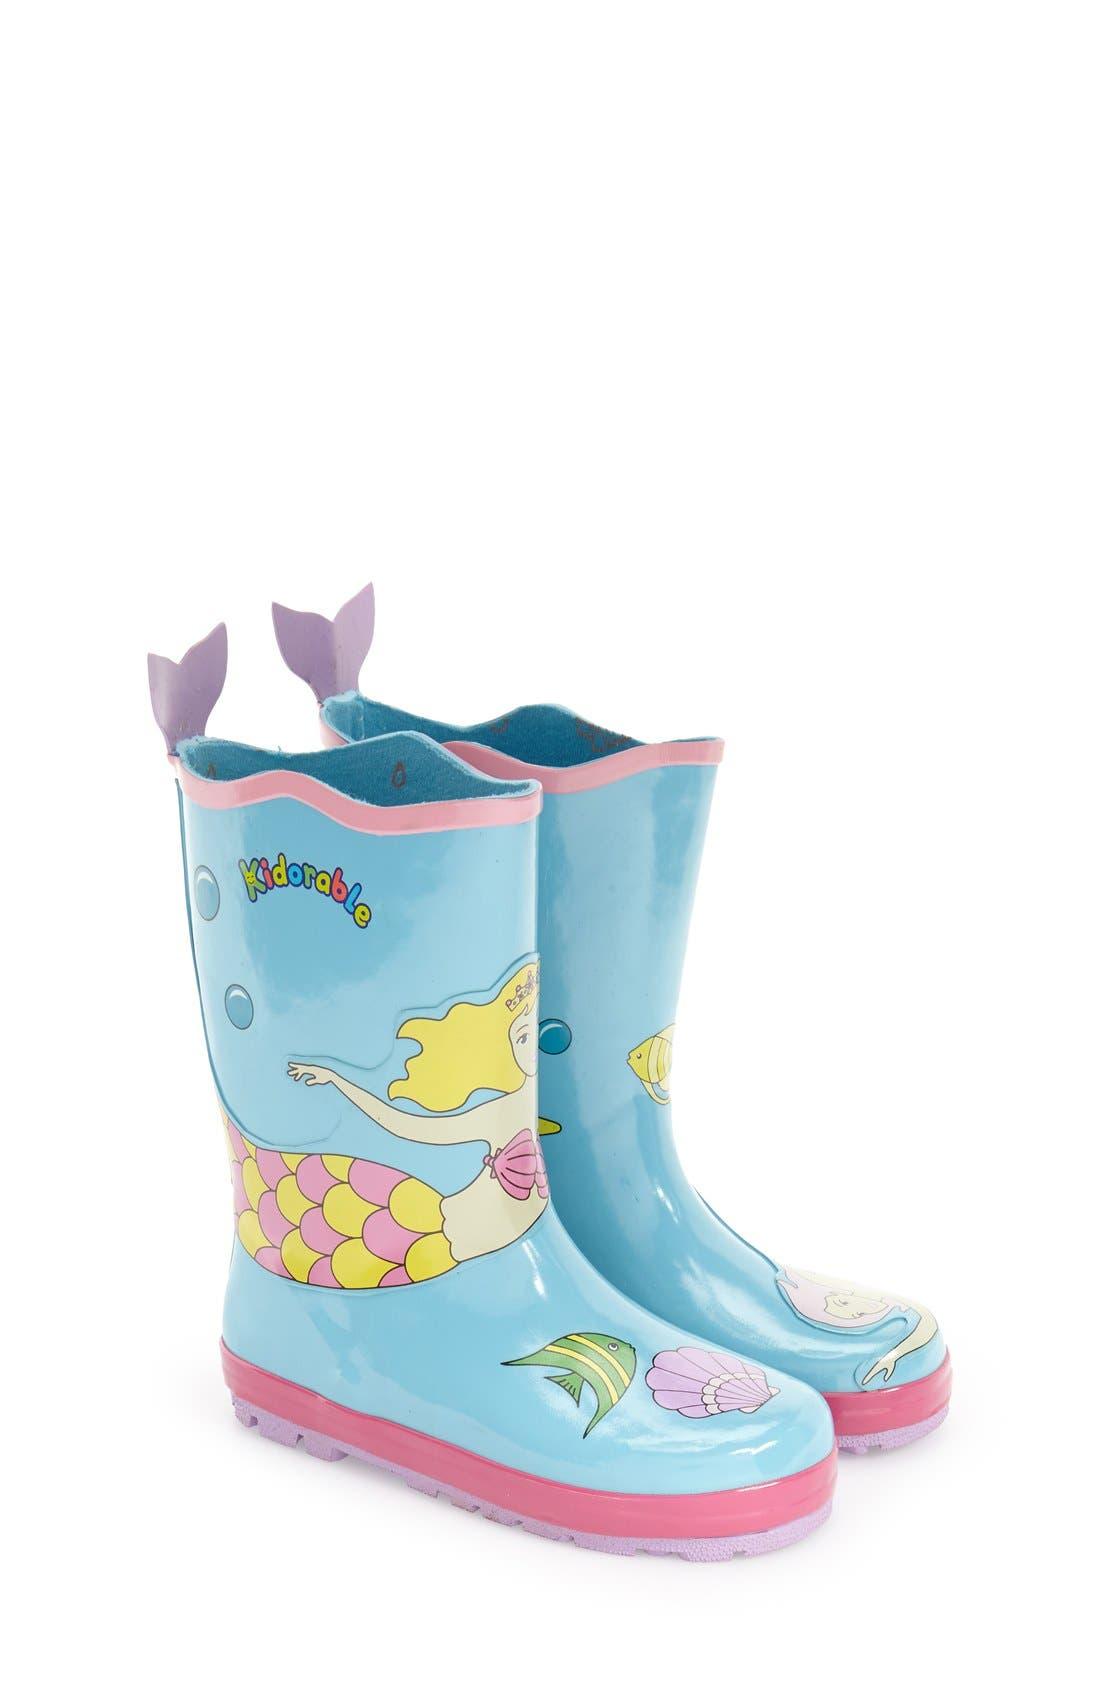 'Mermaid' Waterproof Rain Boot,                             Main thumbnail 1, color,                             Blue